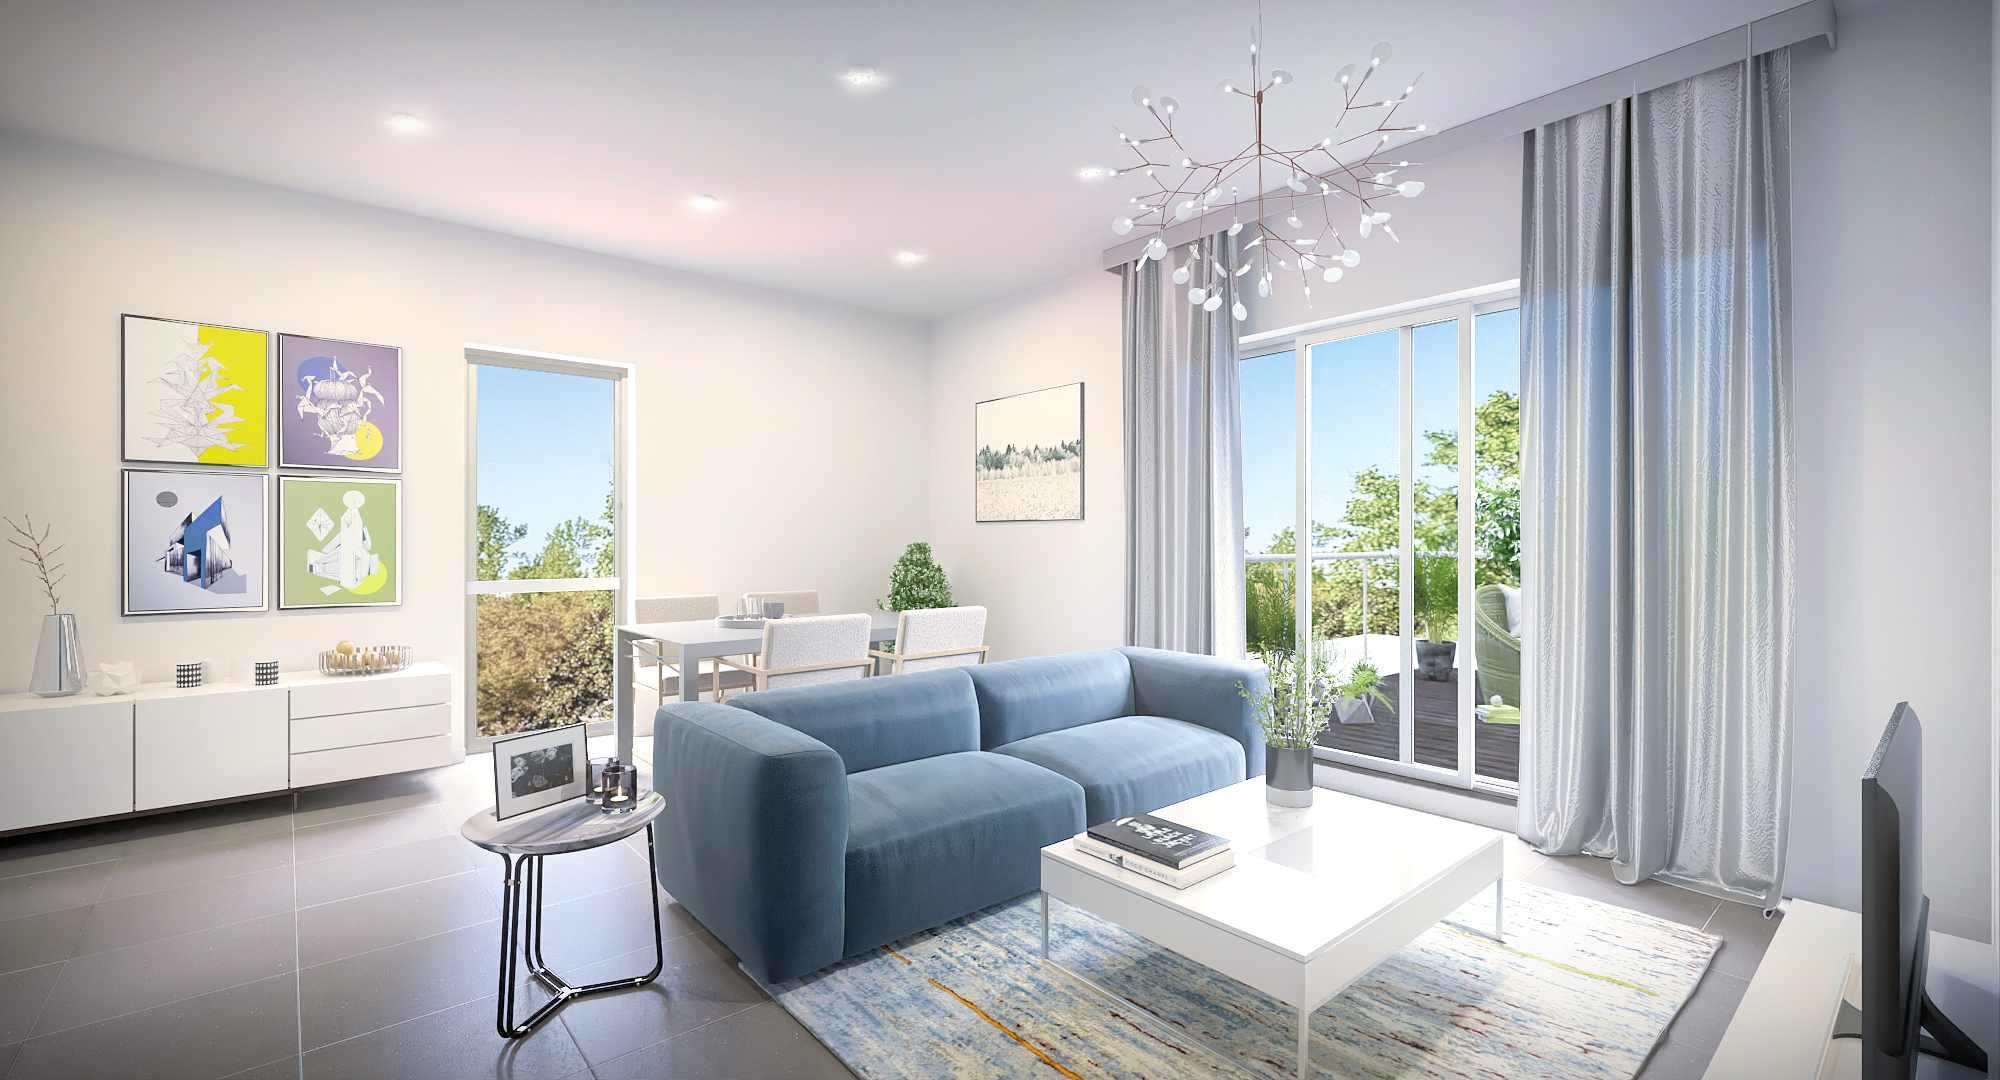 3D Visualisierung eines Wohnzimmers